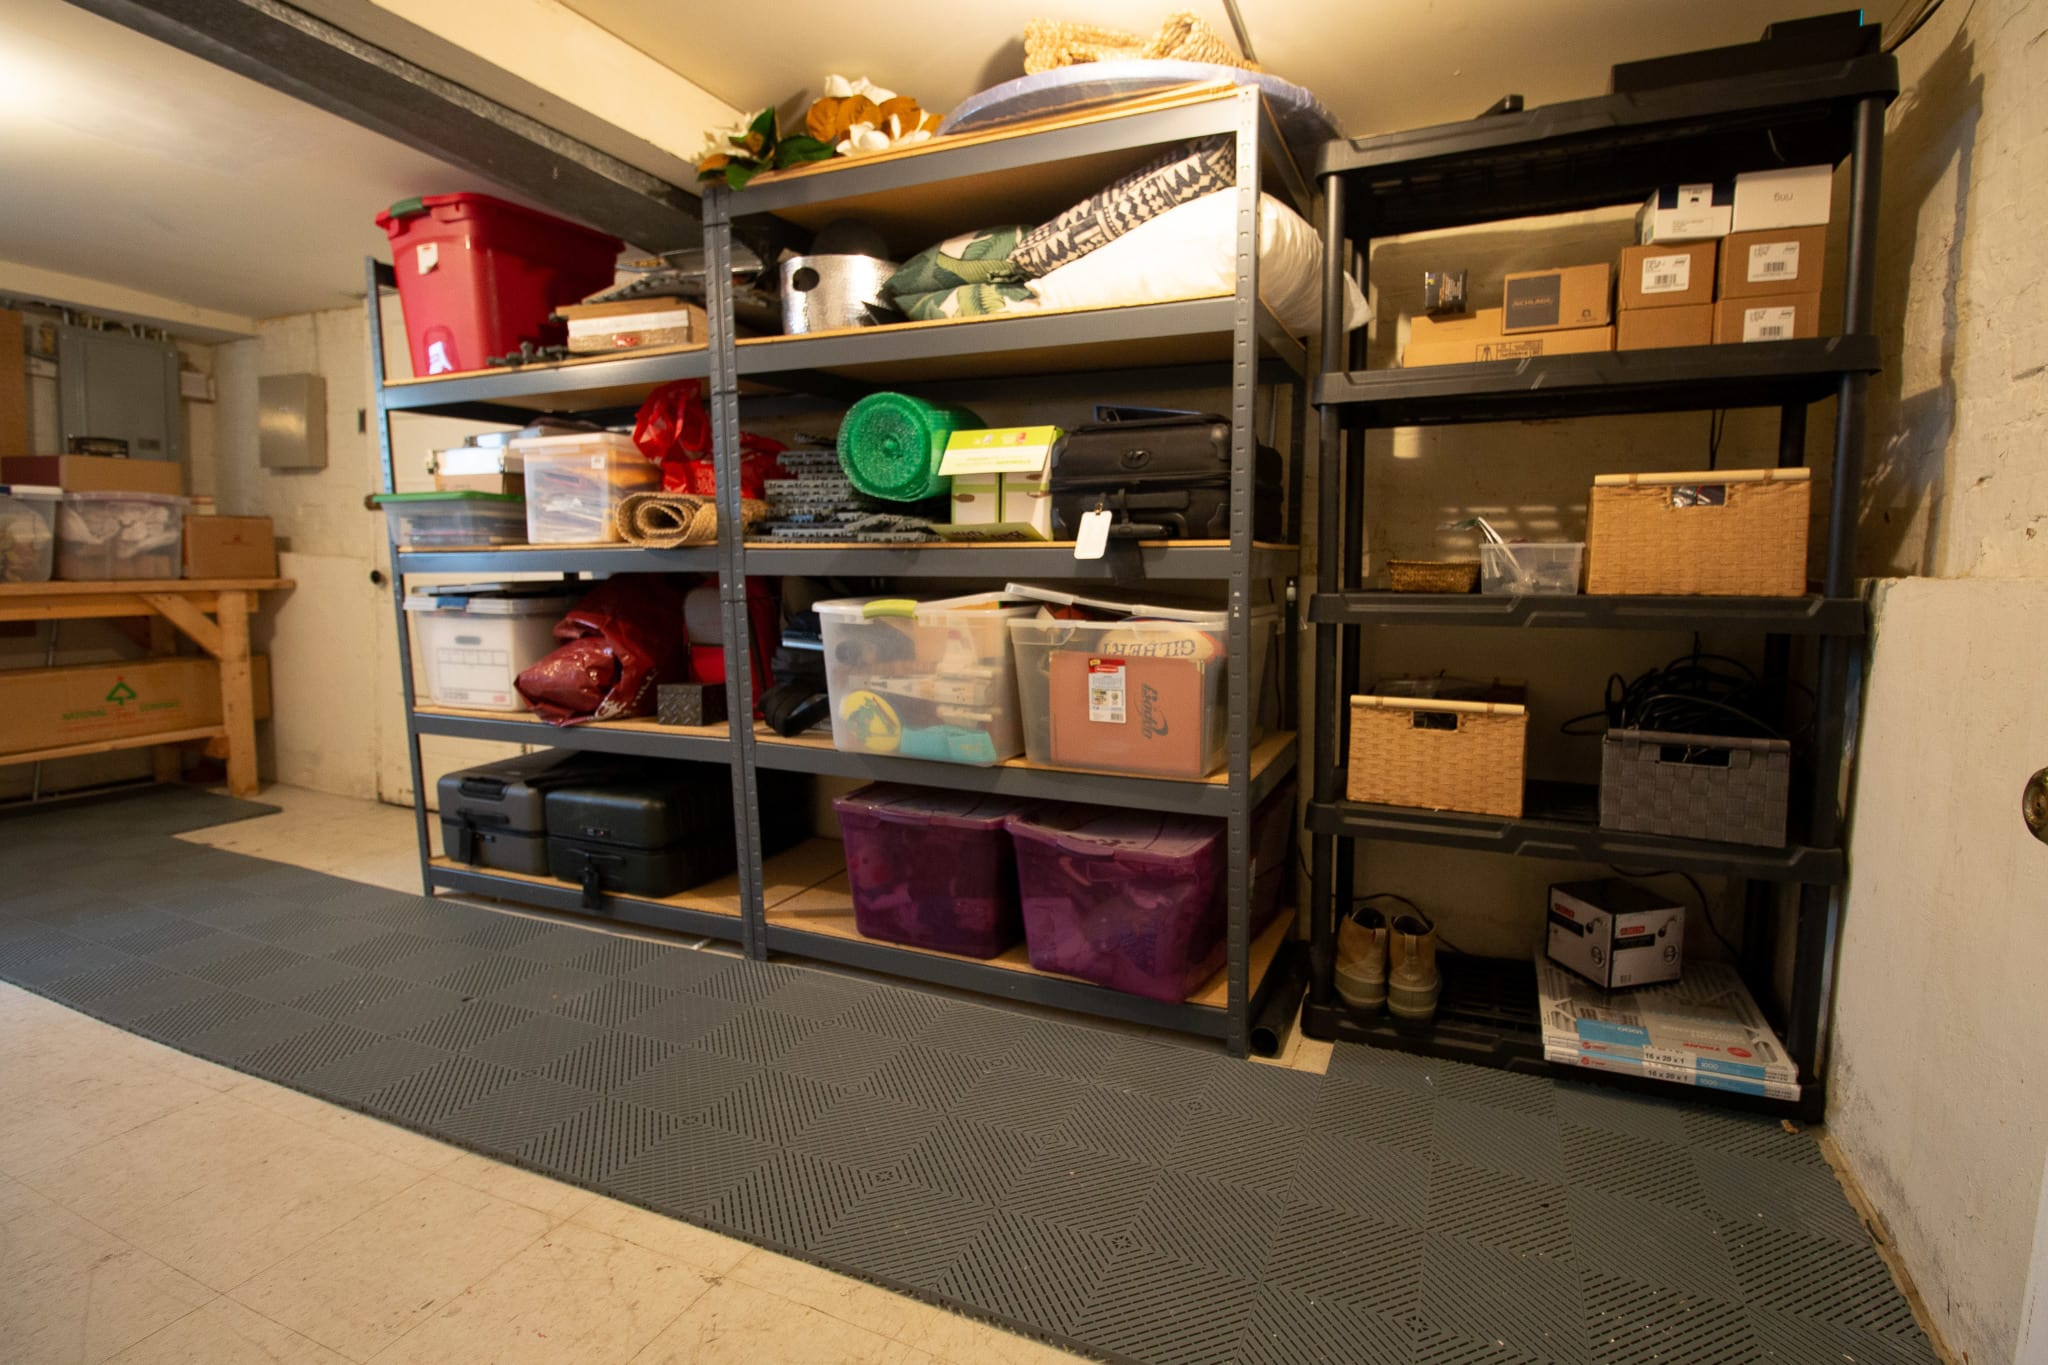 Our storage unit